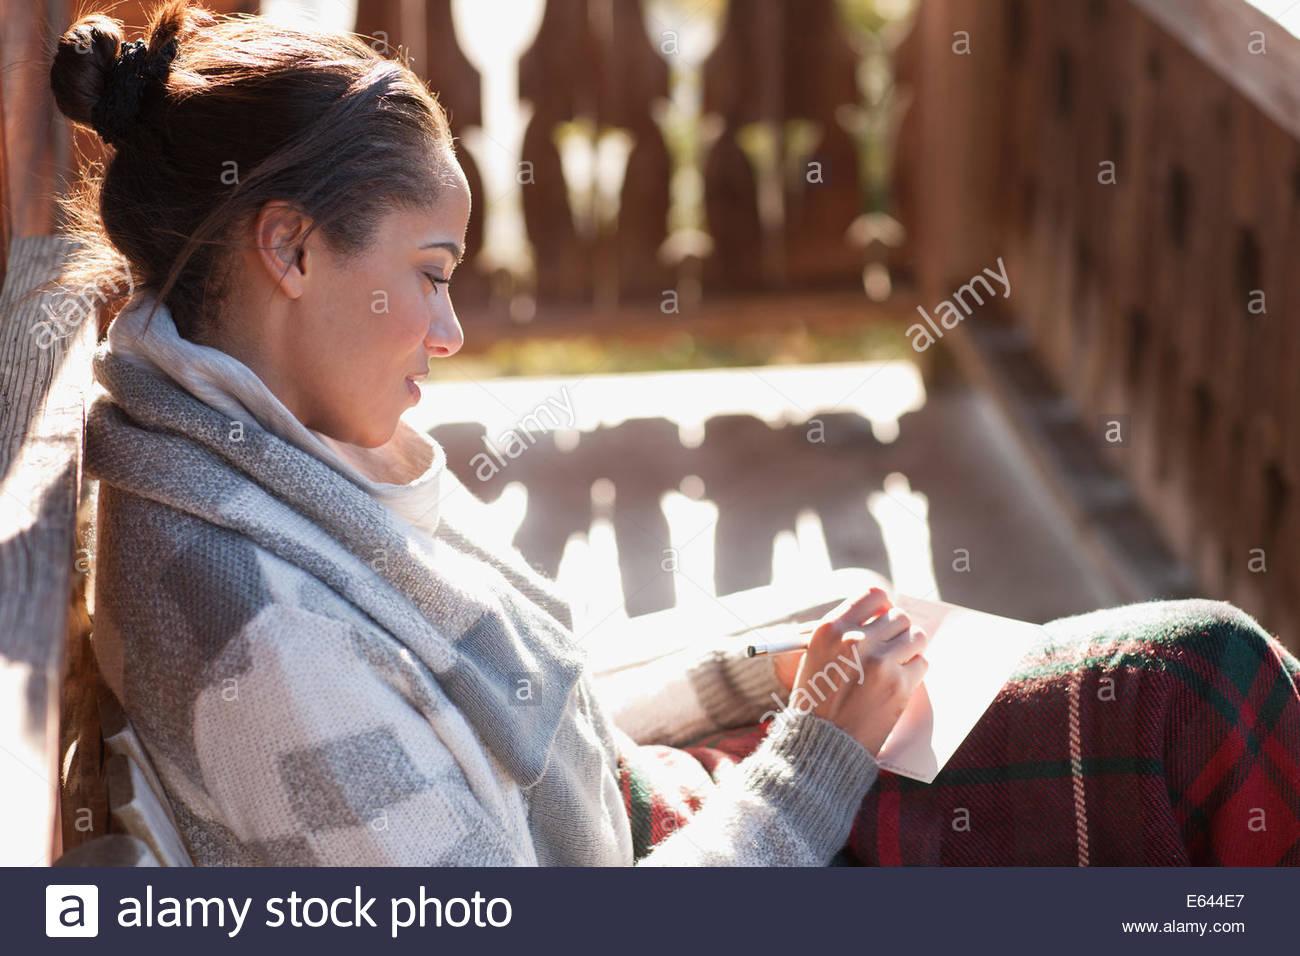 Femme souriante avec stylo et papier sur cabin porch Photo Stock